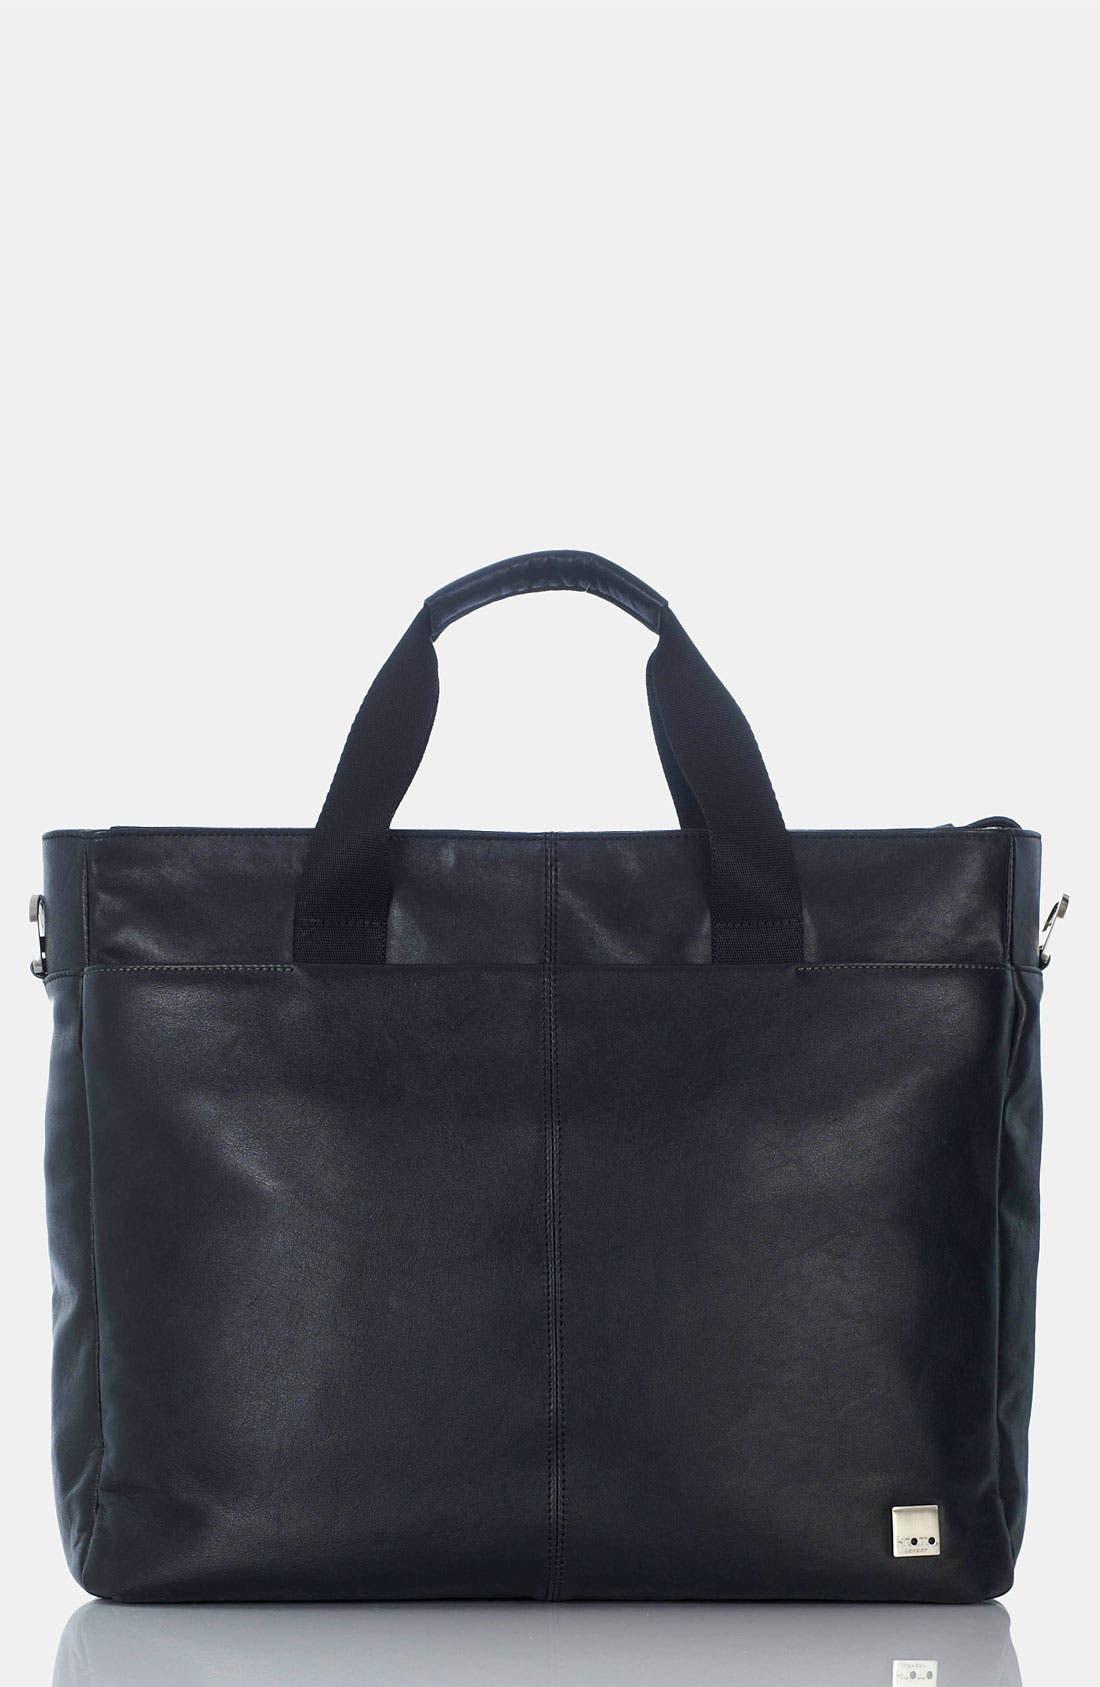 Main Image - KNOMO London 'Paxton' 15 Inch Tote Bag